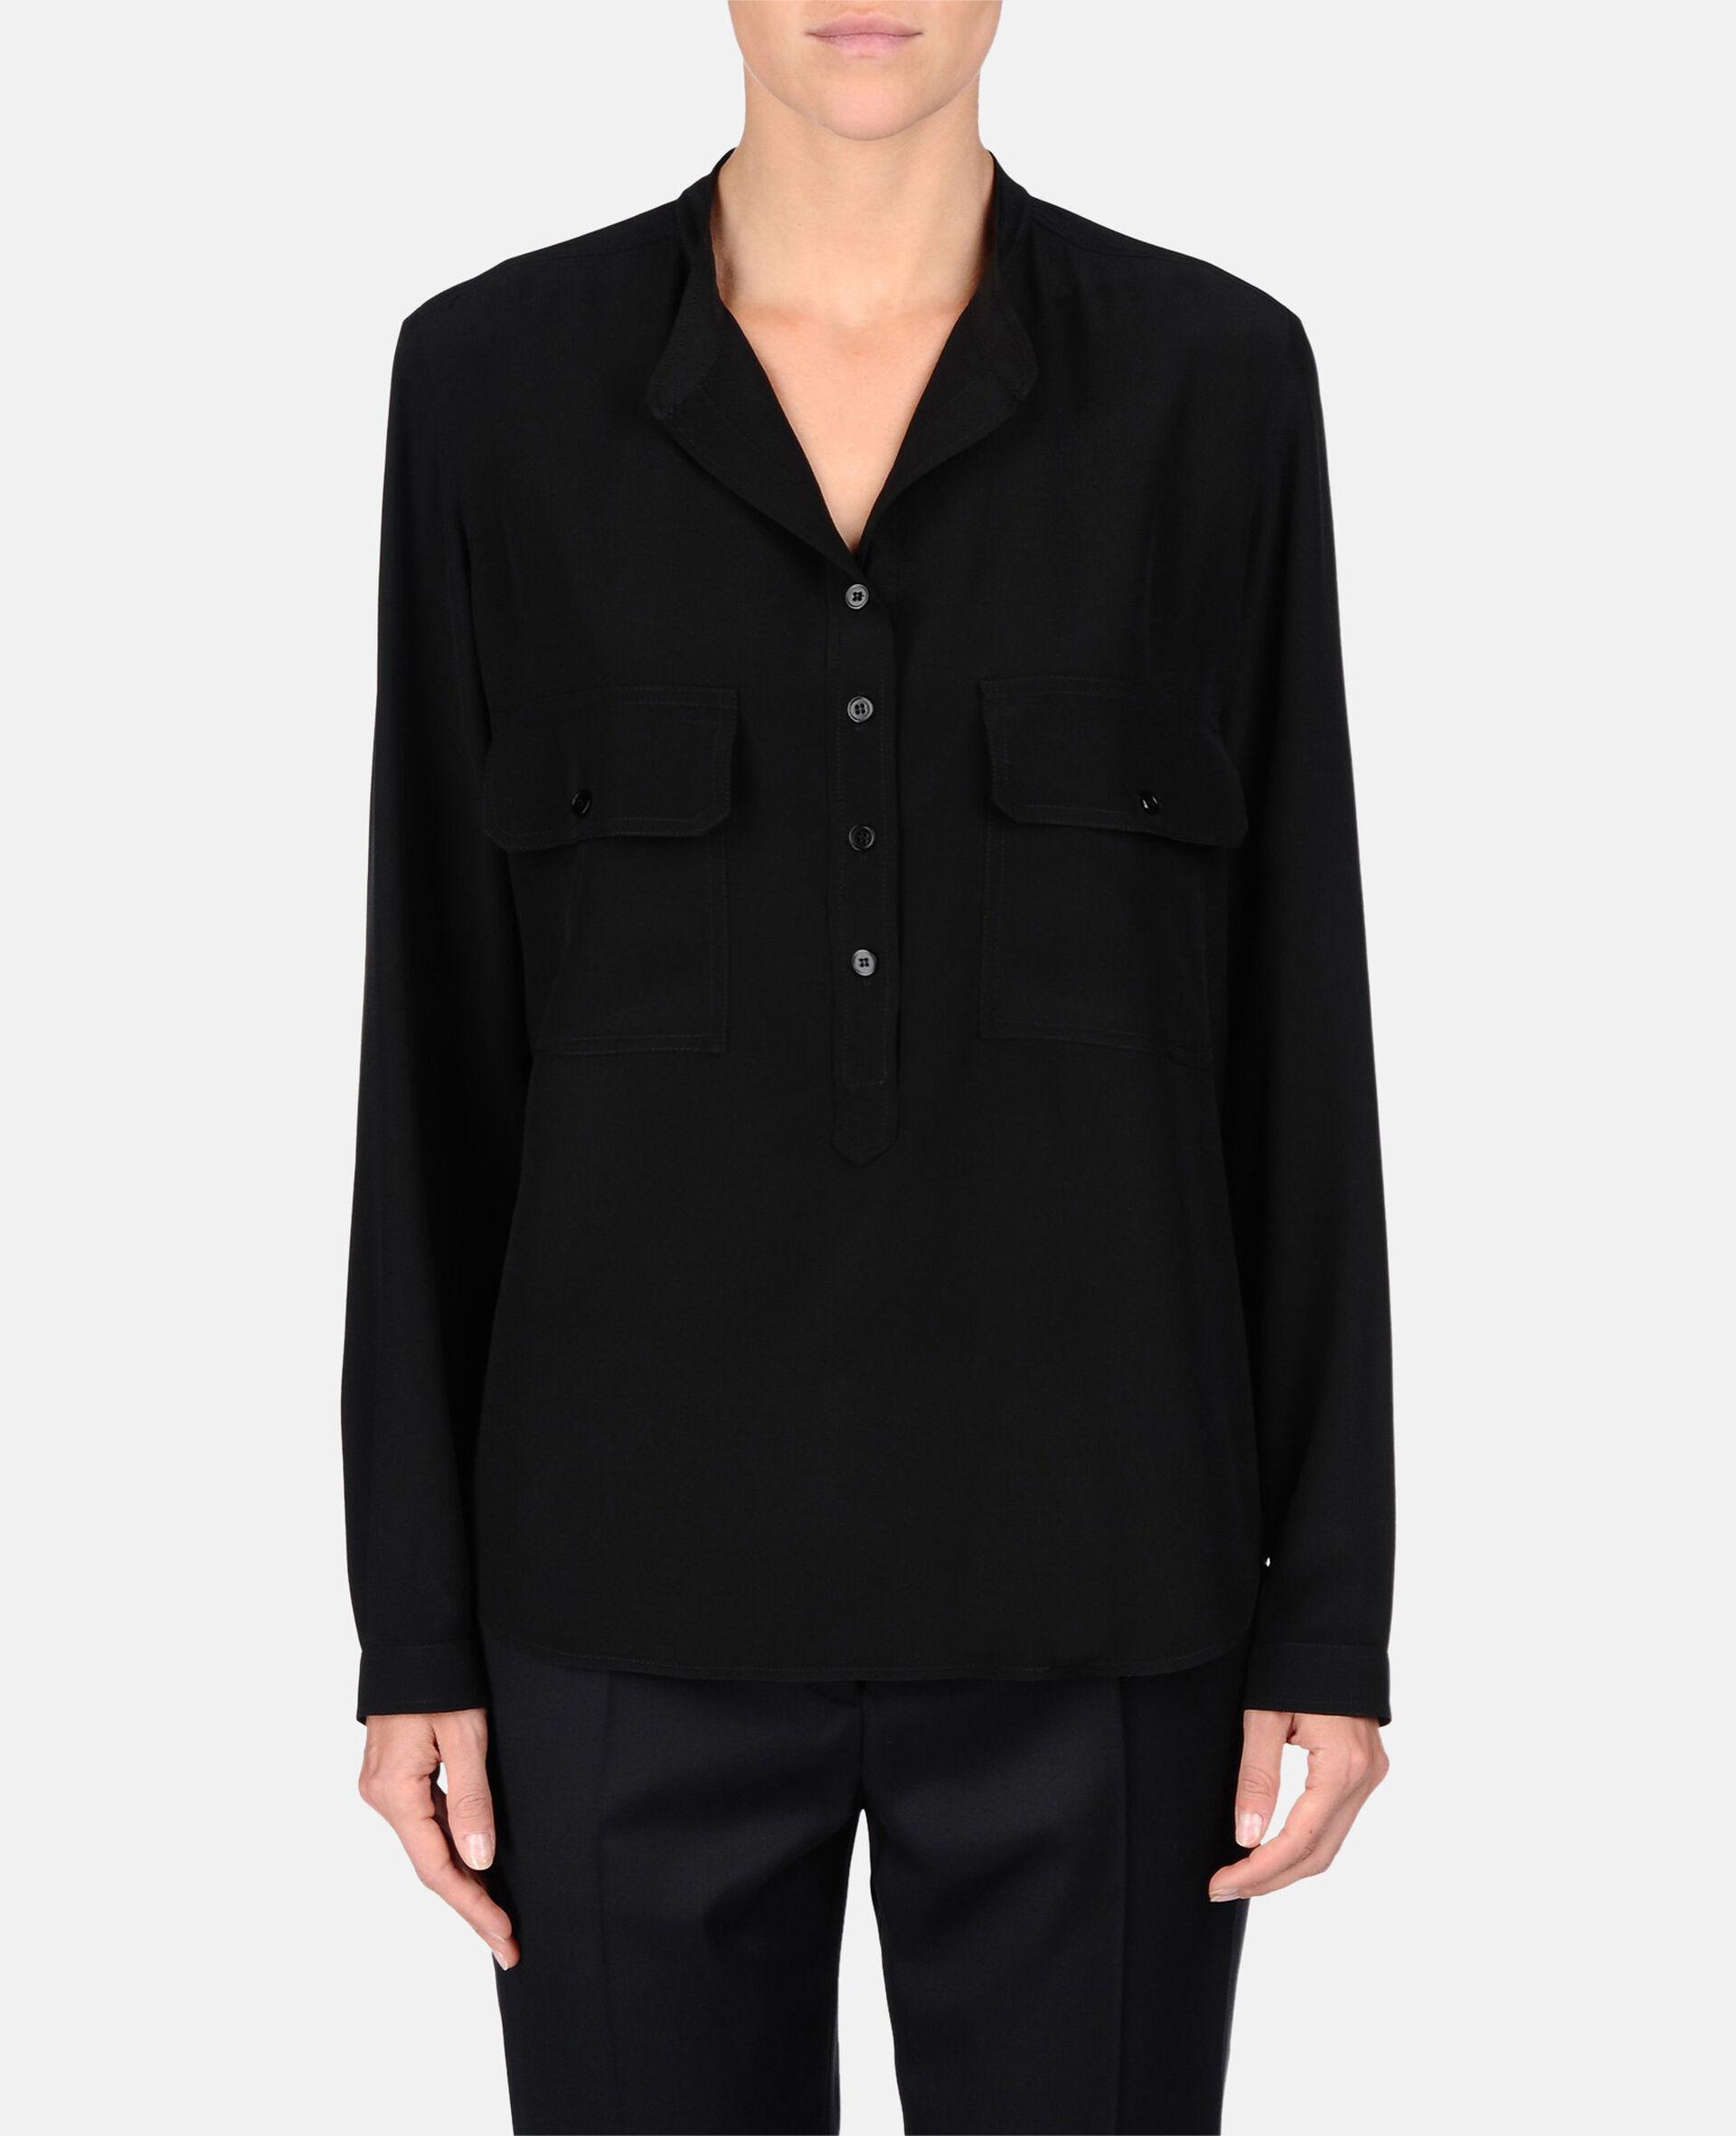 Estelle Shirt-Black-large image number 1